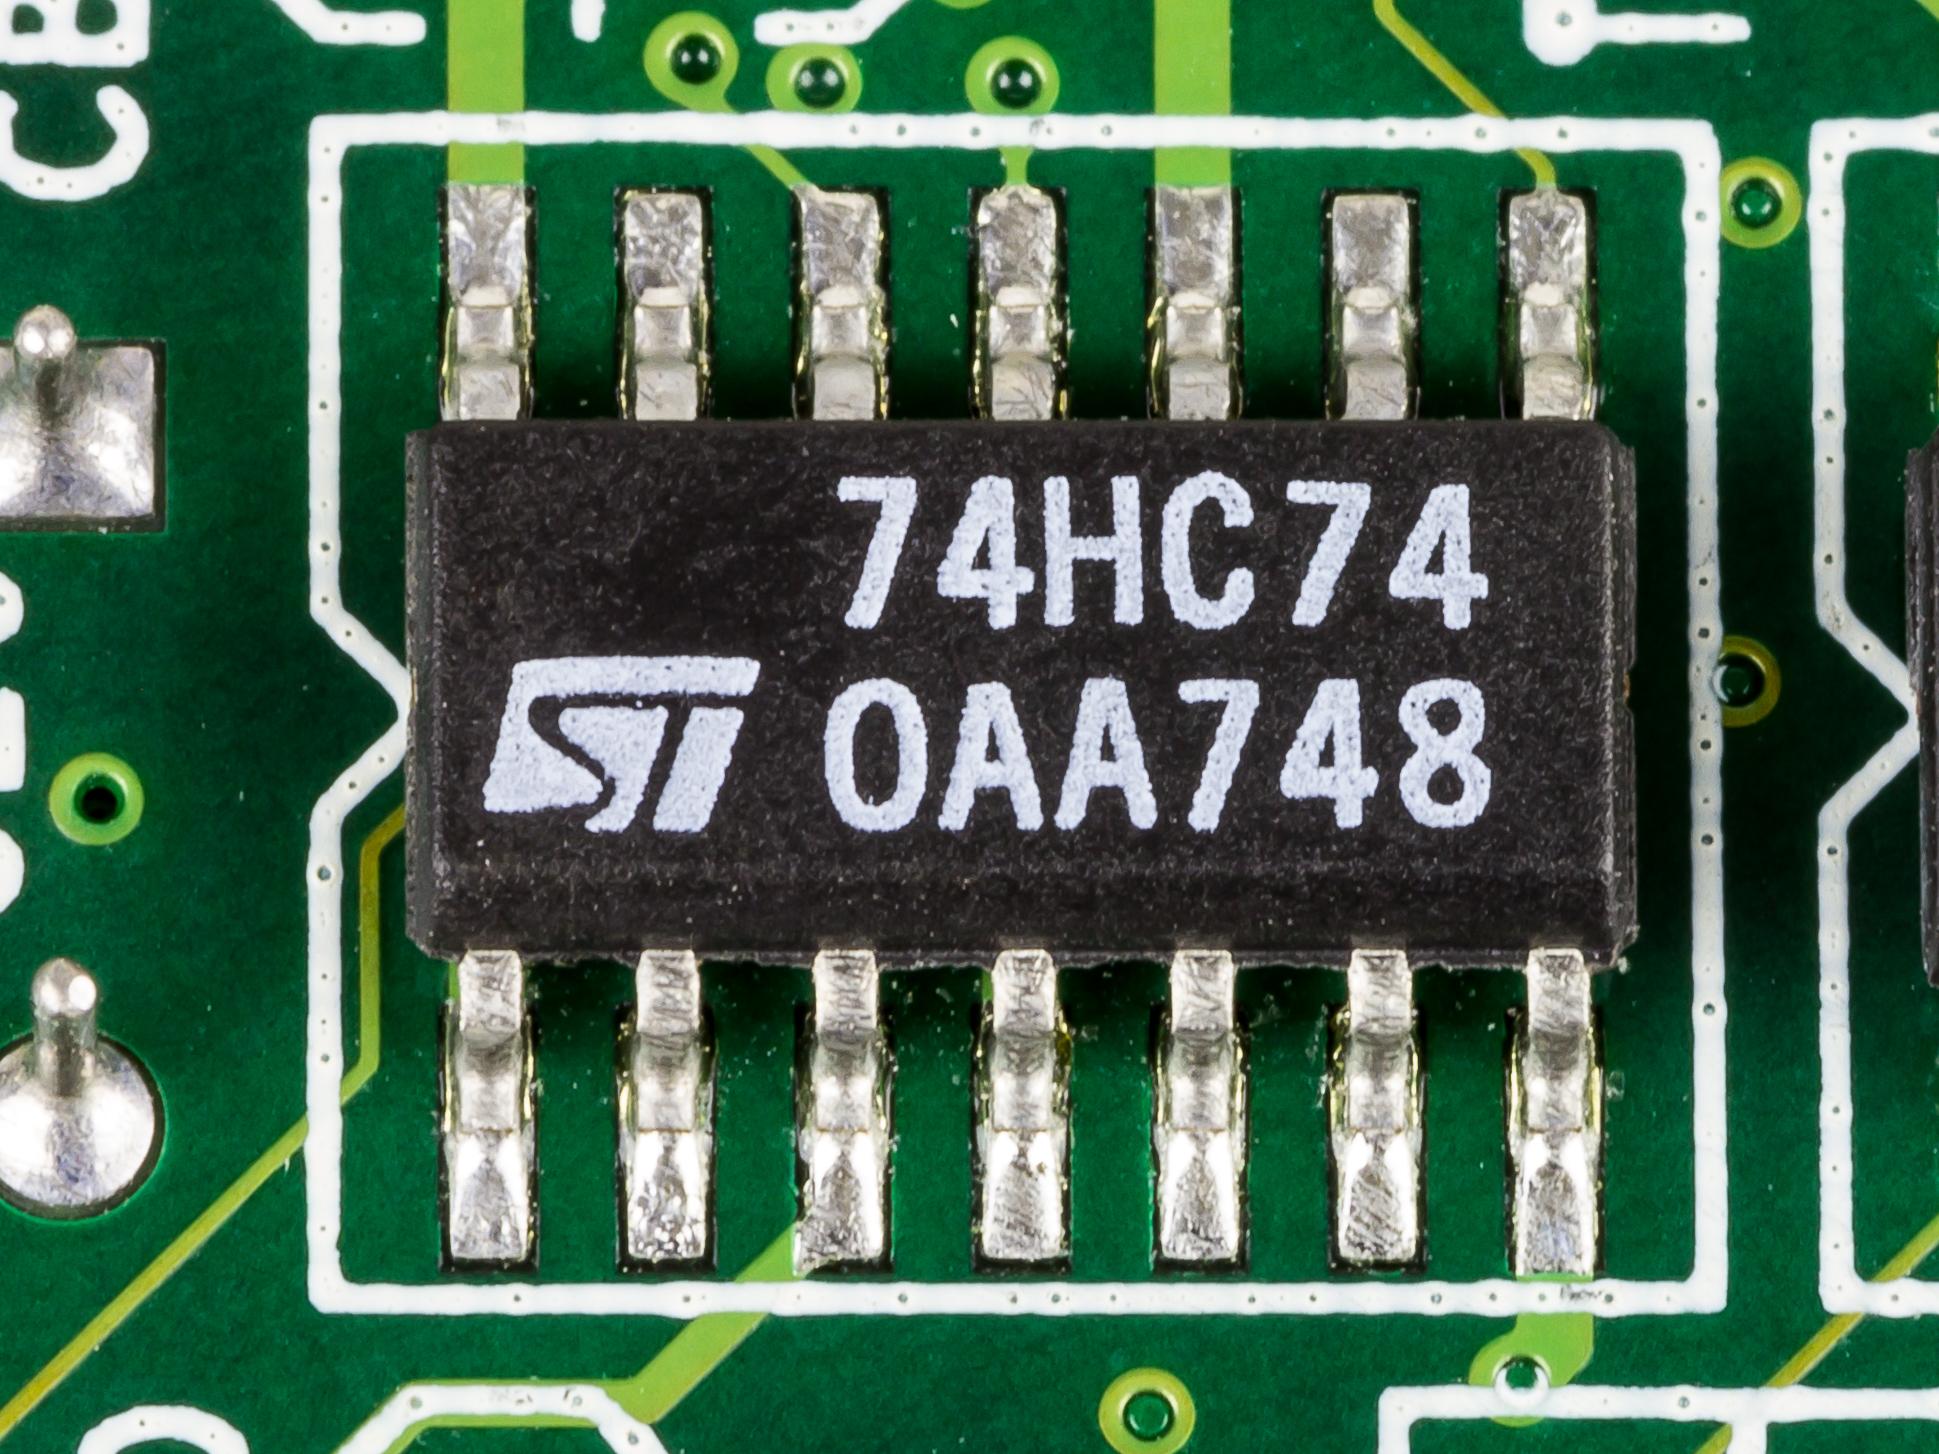 File:ROCKY-518HV - STMicroelectronics 74HC74-2398.jpg